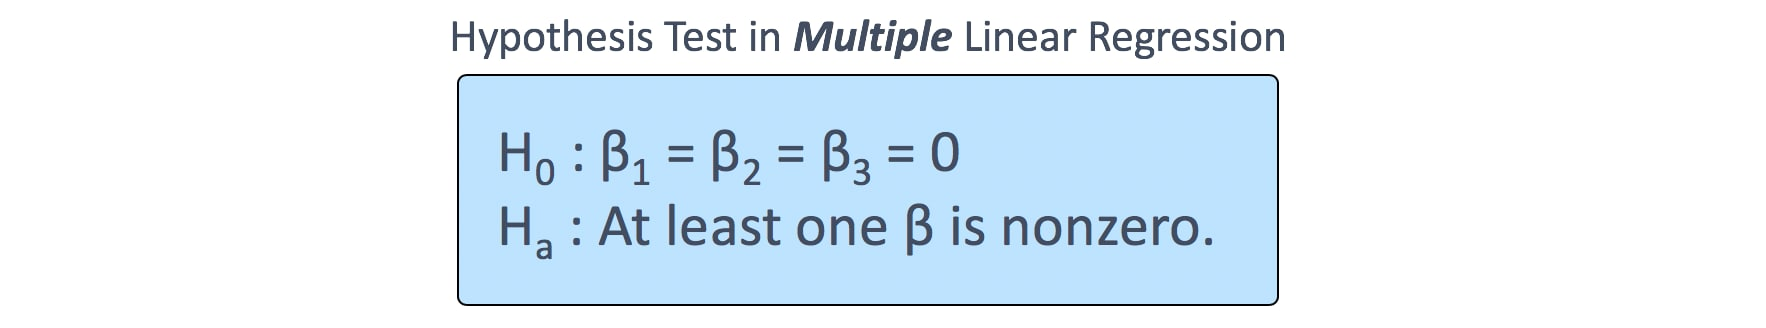 mlr-hypothesis-test